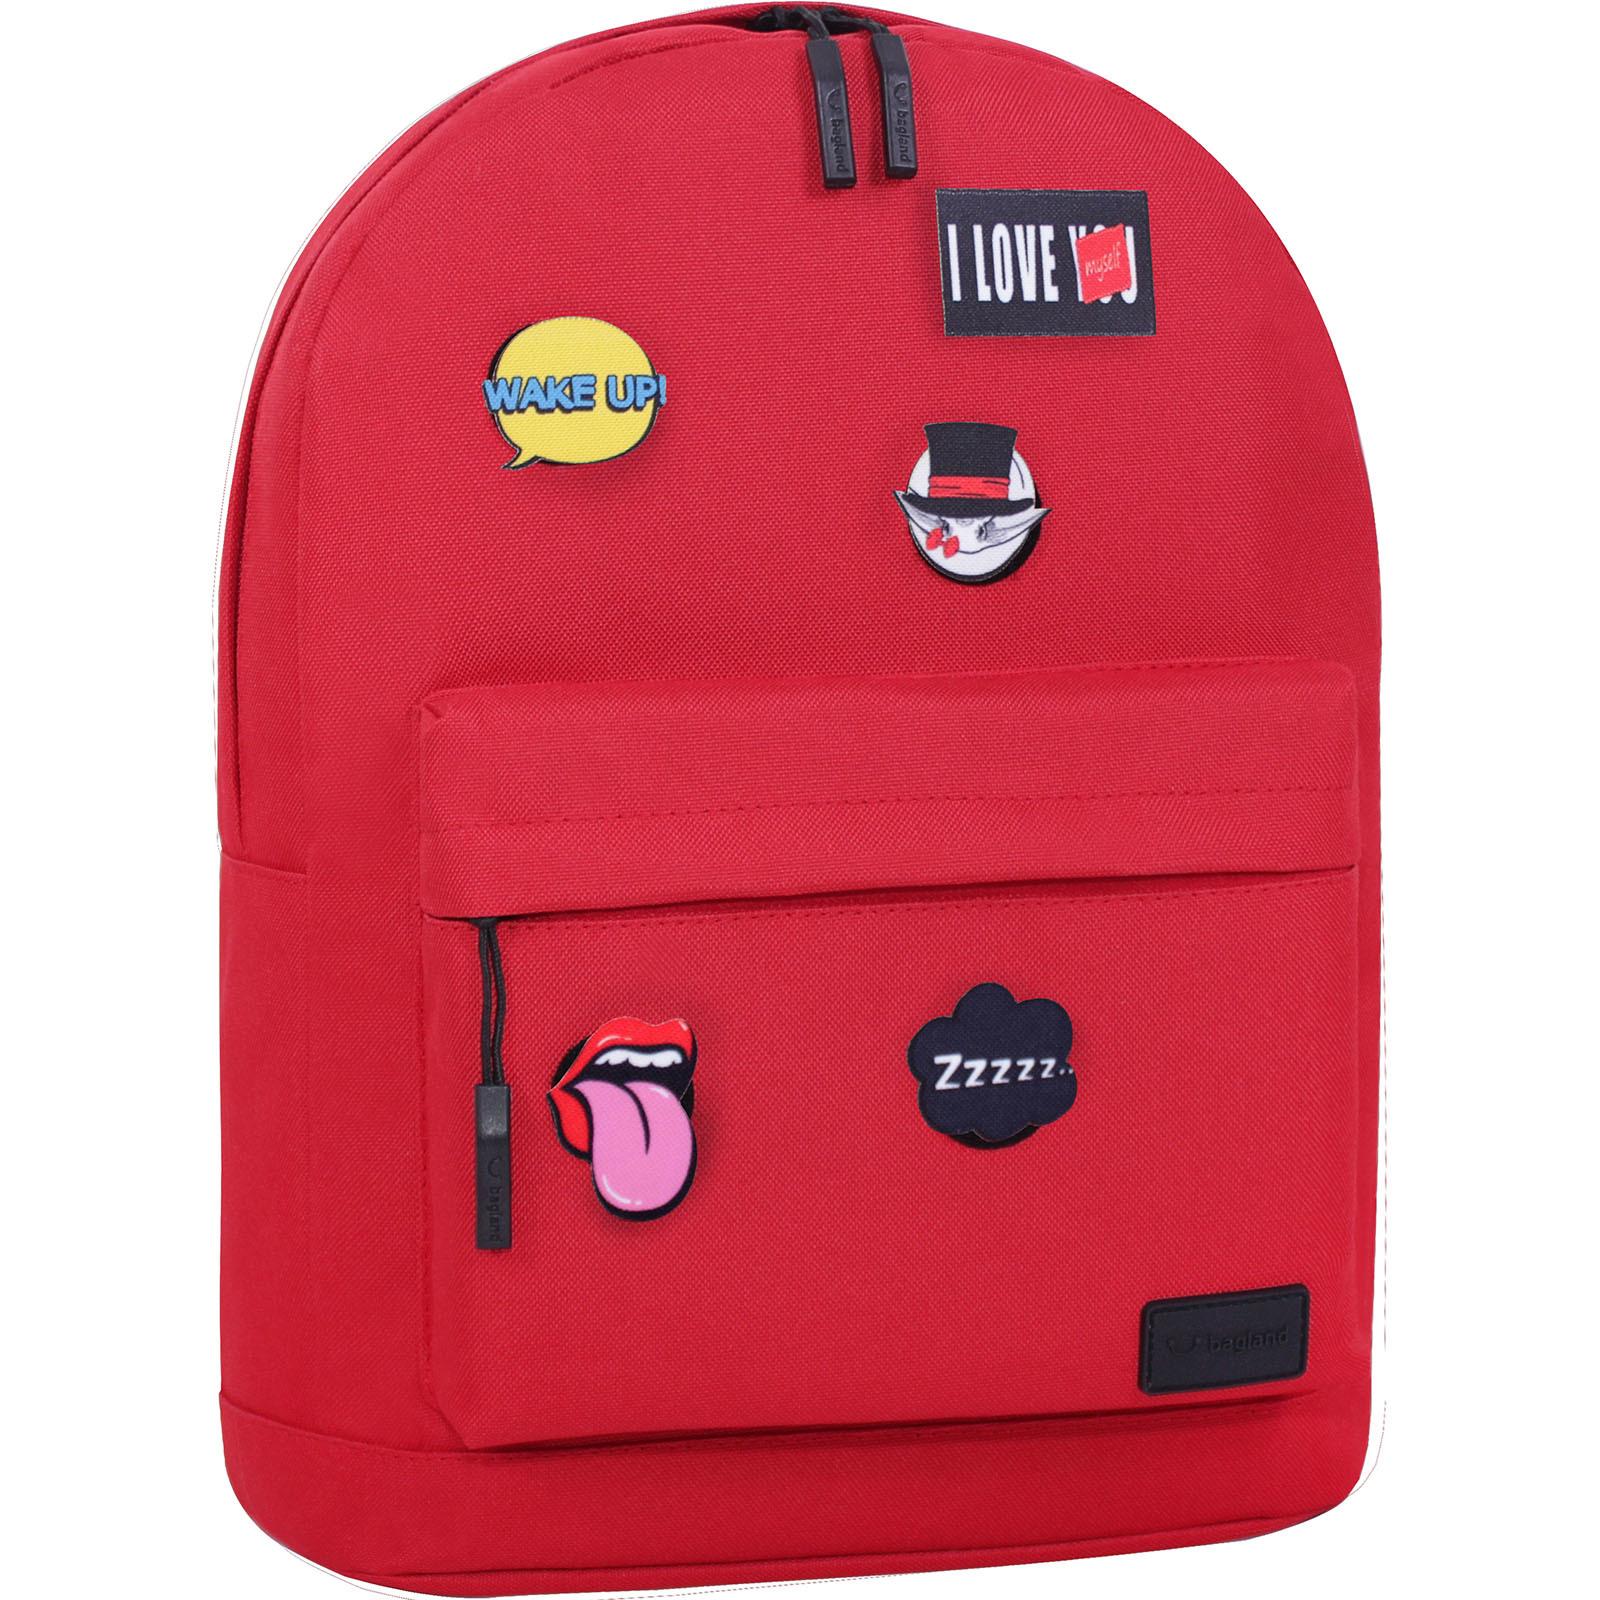 Городские рюкзаки Рюкзак Bagland Молодежный W/R 17 л. 148 красный (00533662 Ш) IMG_2959.JPG